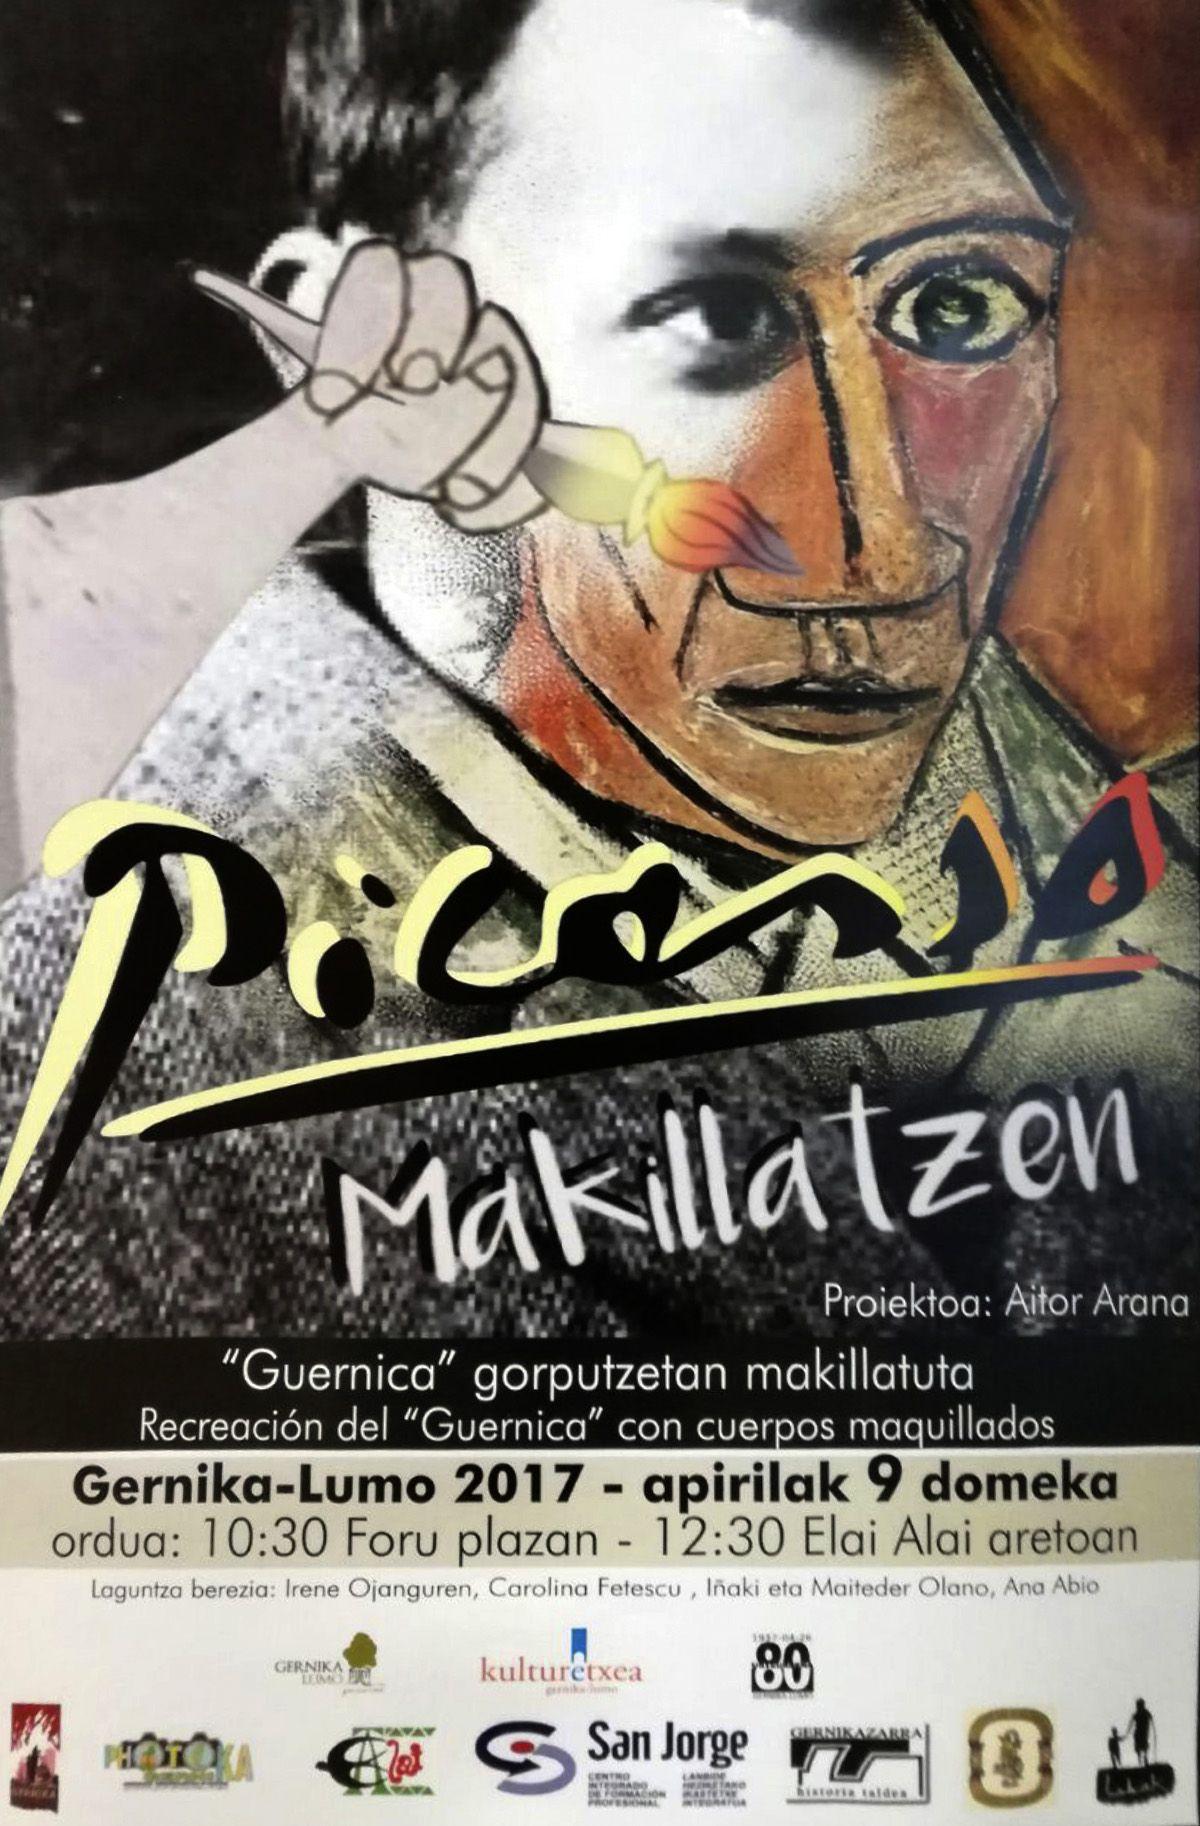 Picasso makillatzen